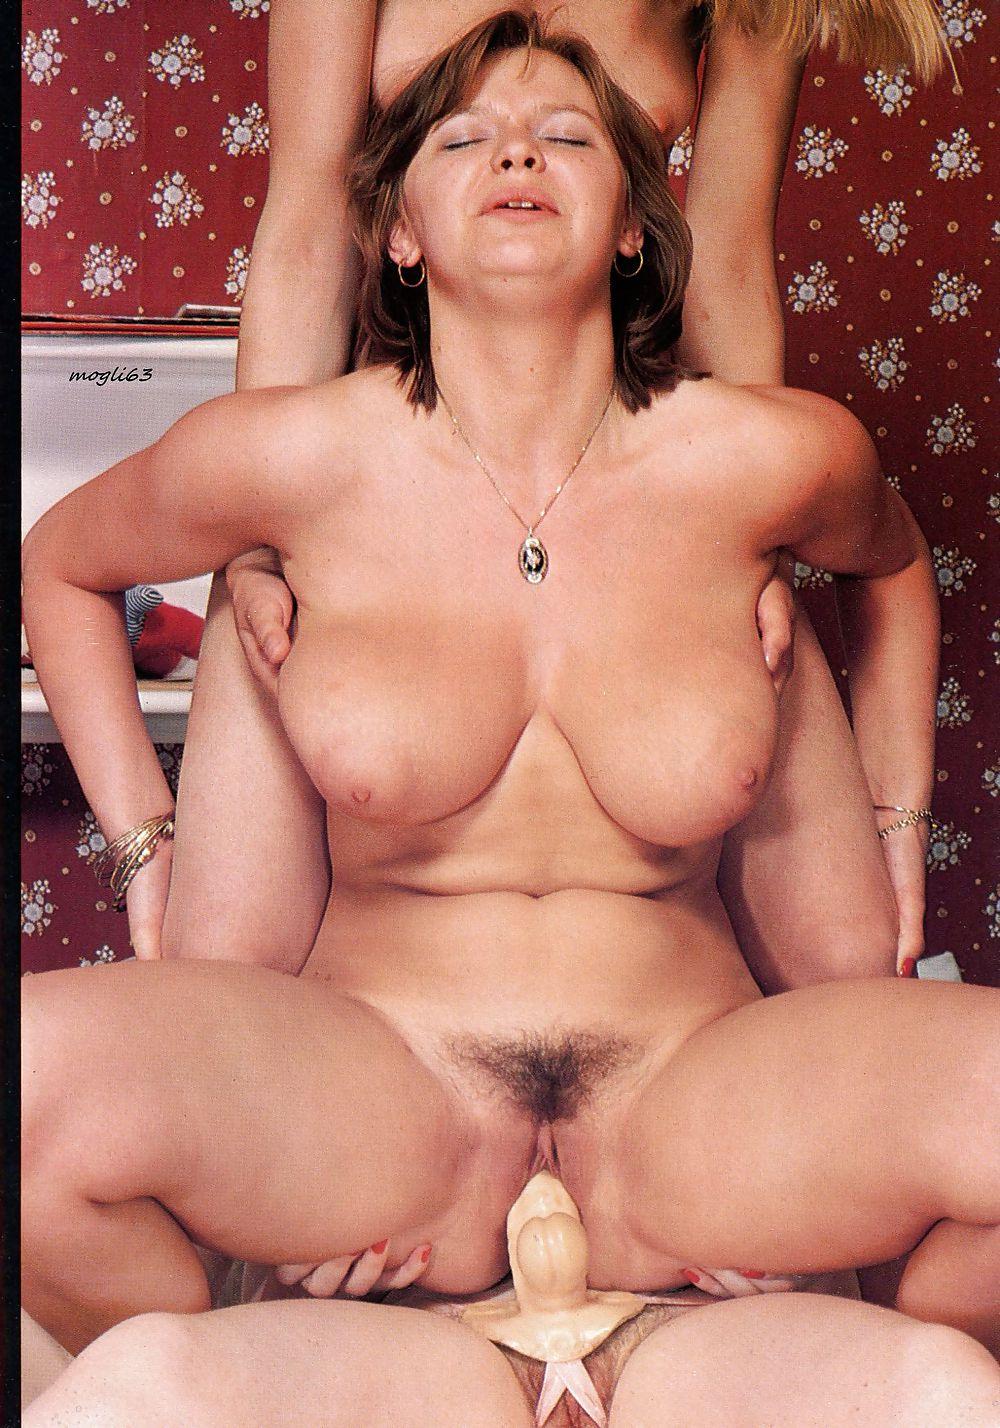 Vintage lesbians #6726239